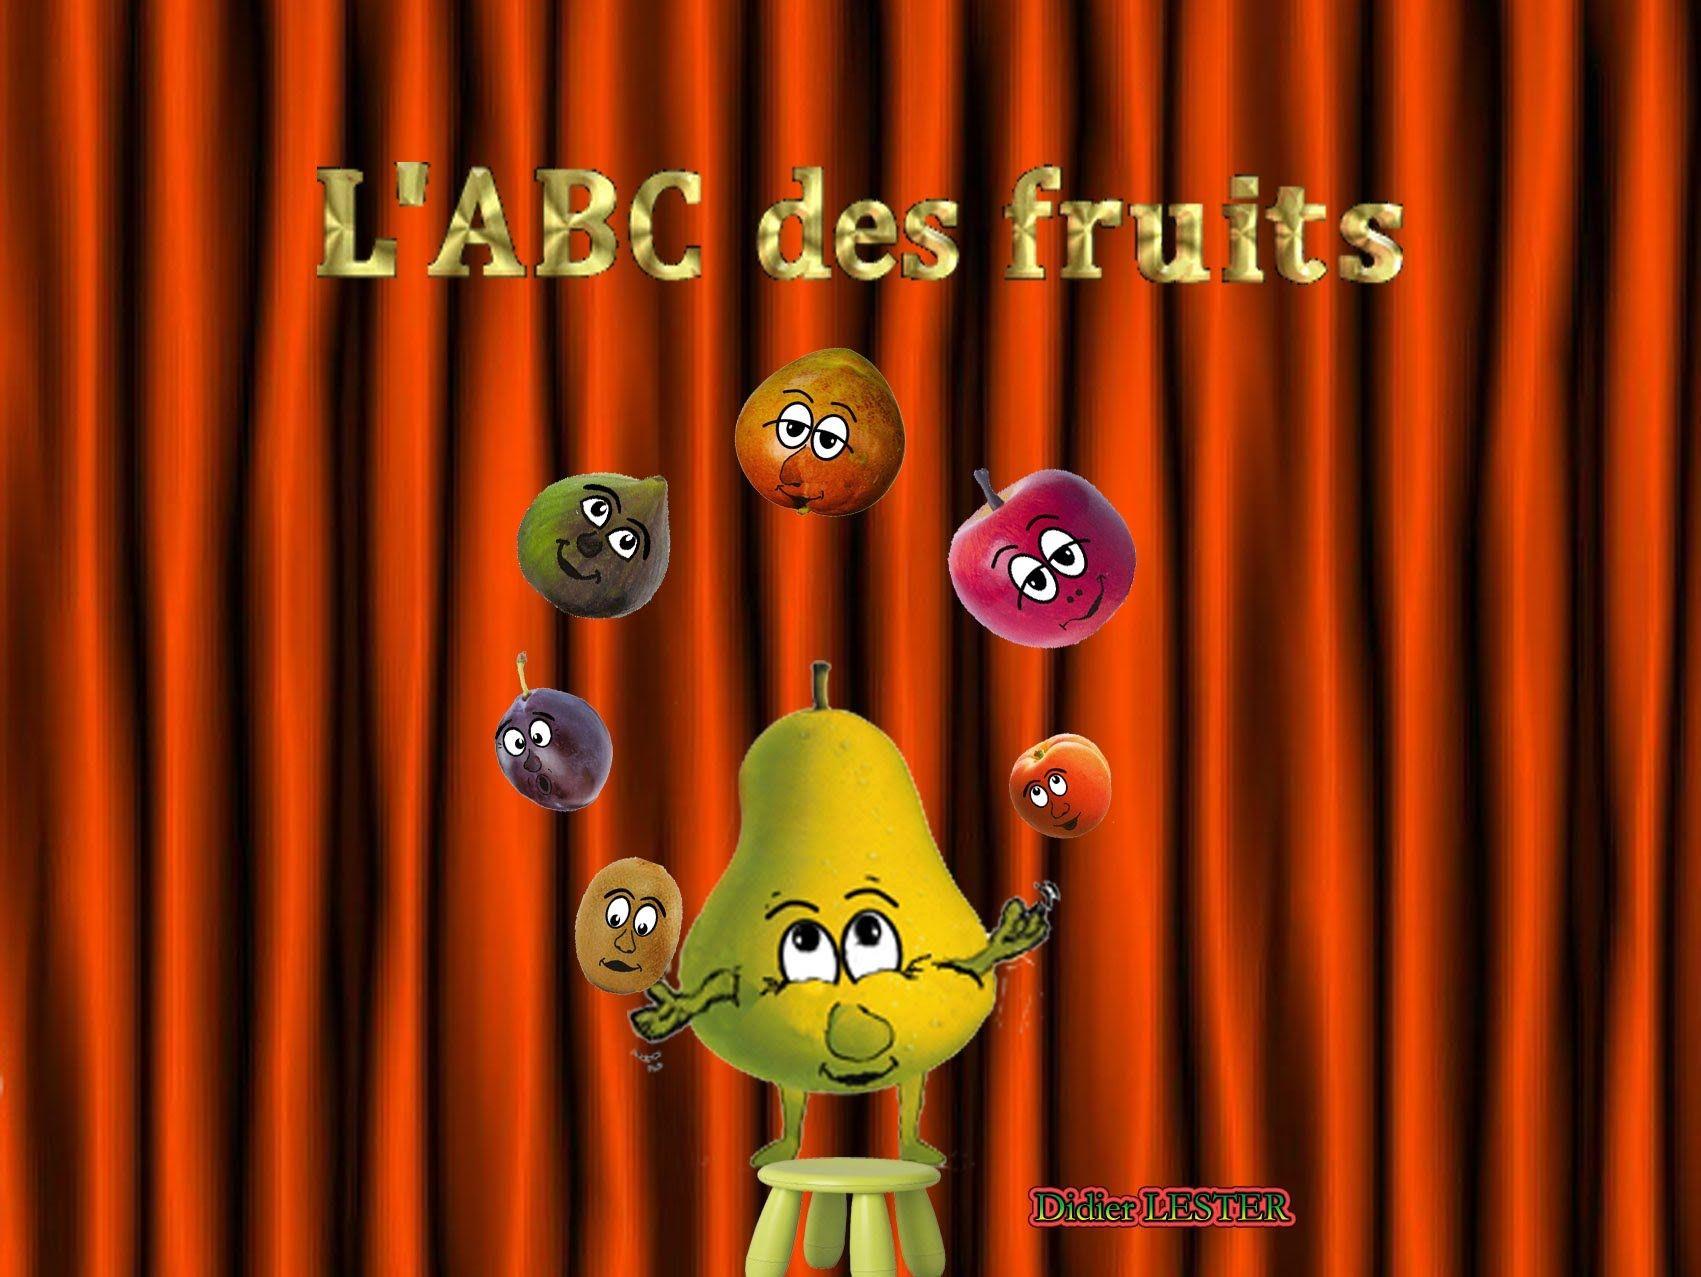 Chanson pour enfants L ABC des fruits chanson éducative pour apprend